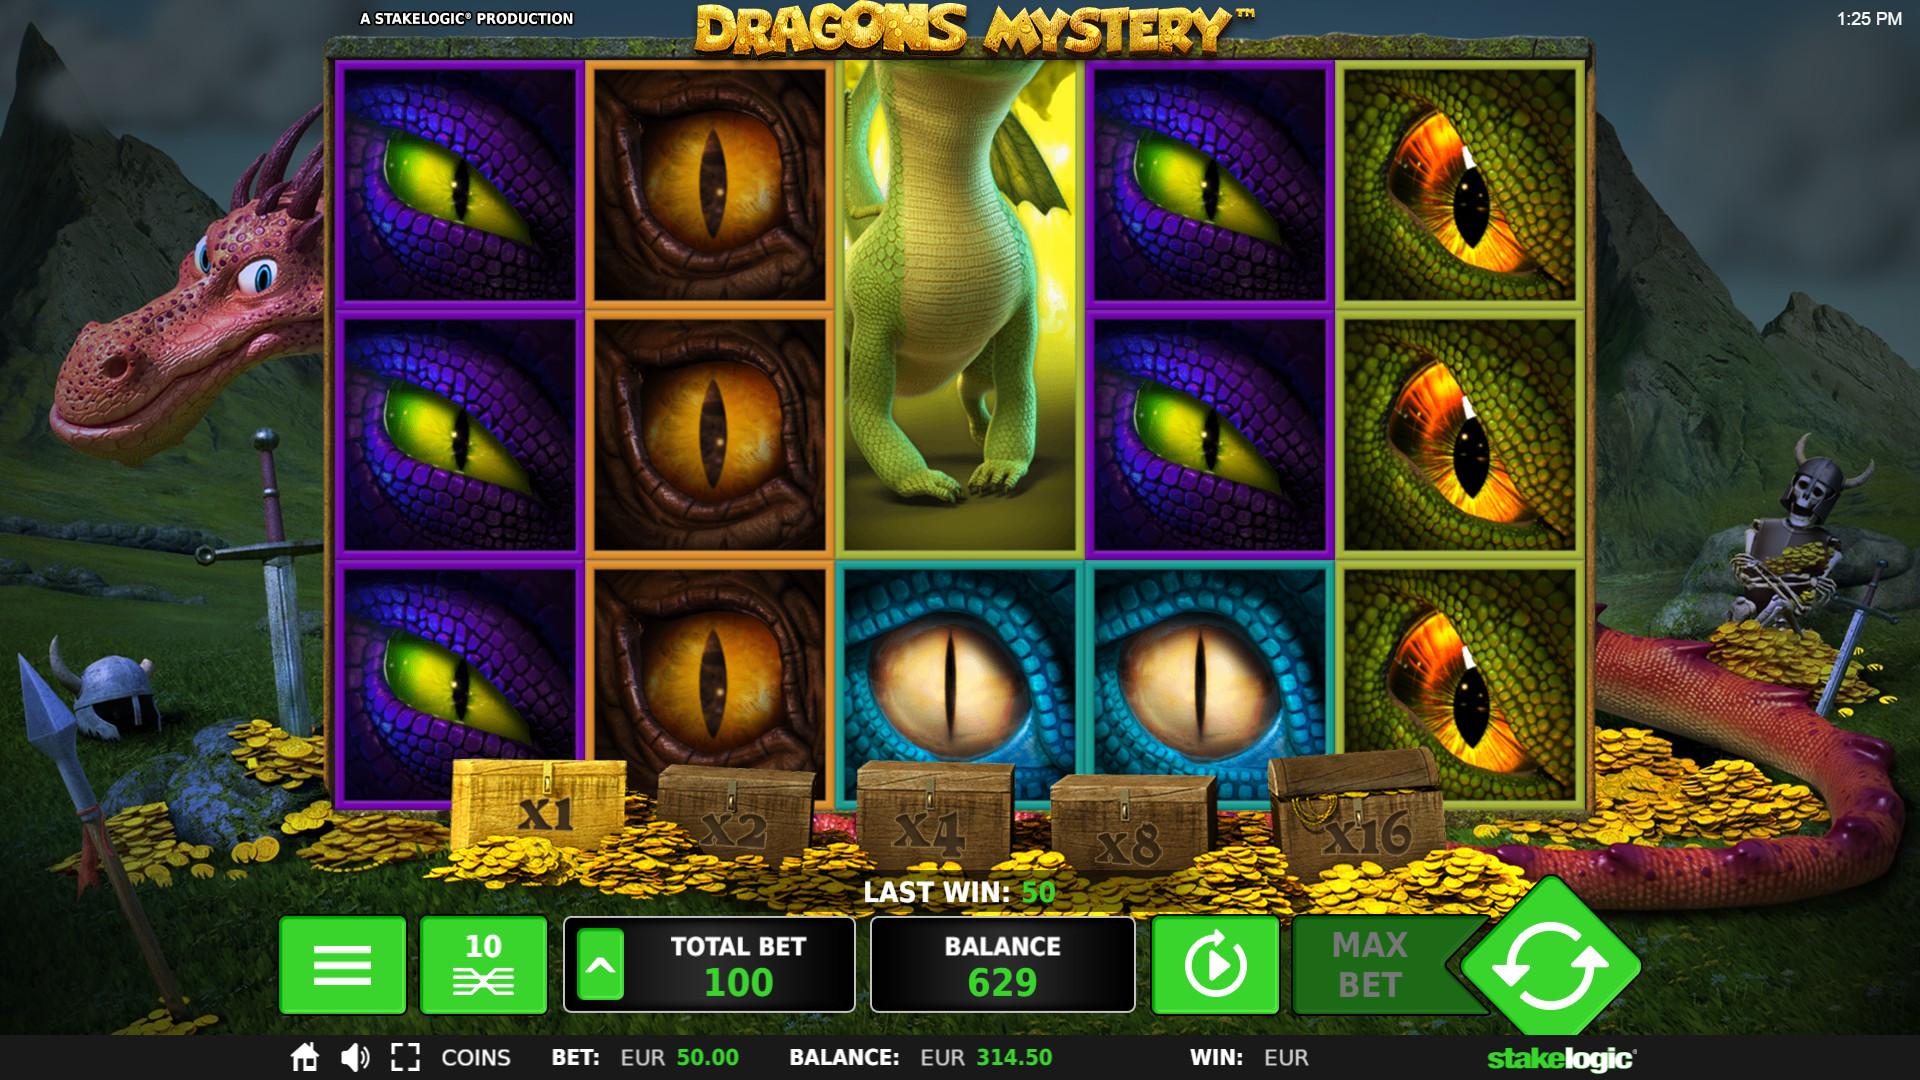 Игровой автомат много на дватьсять visa игровые автоматы играть